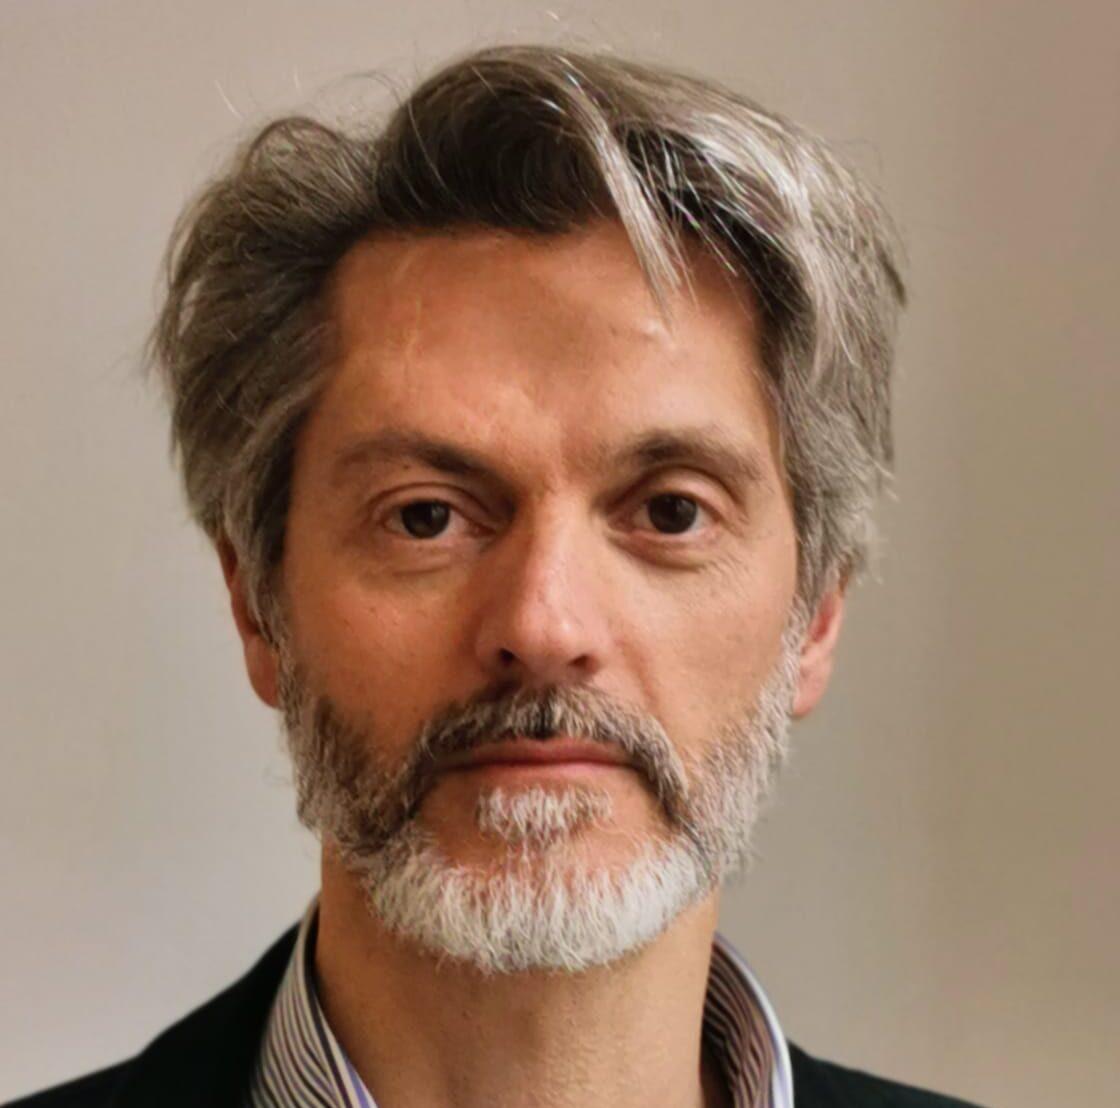 Carlo Emanuele Musso